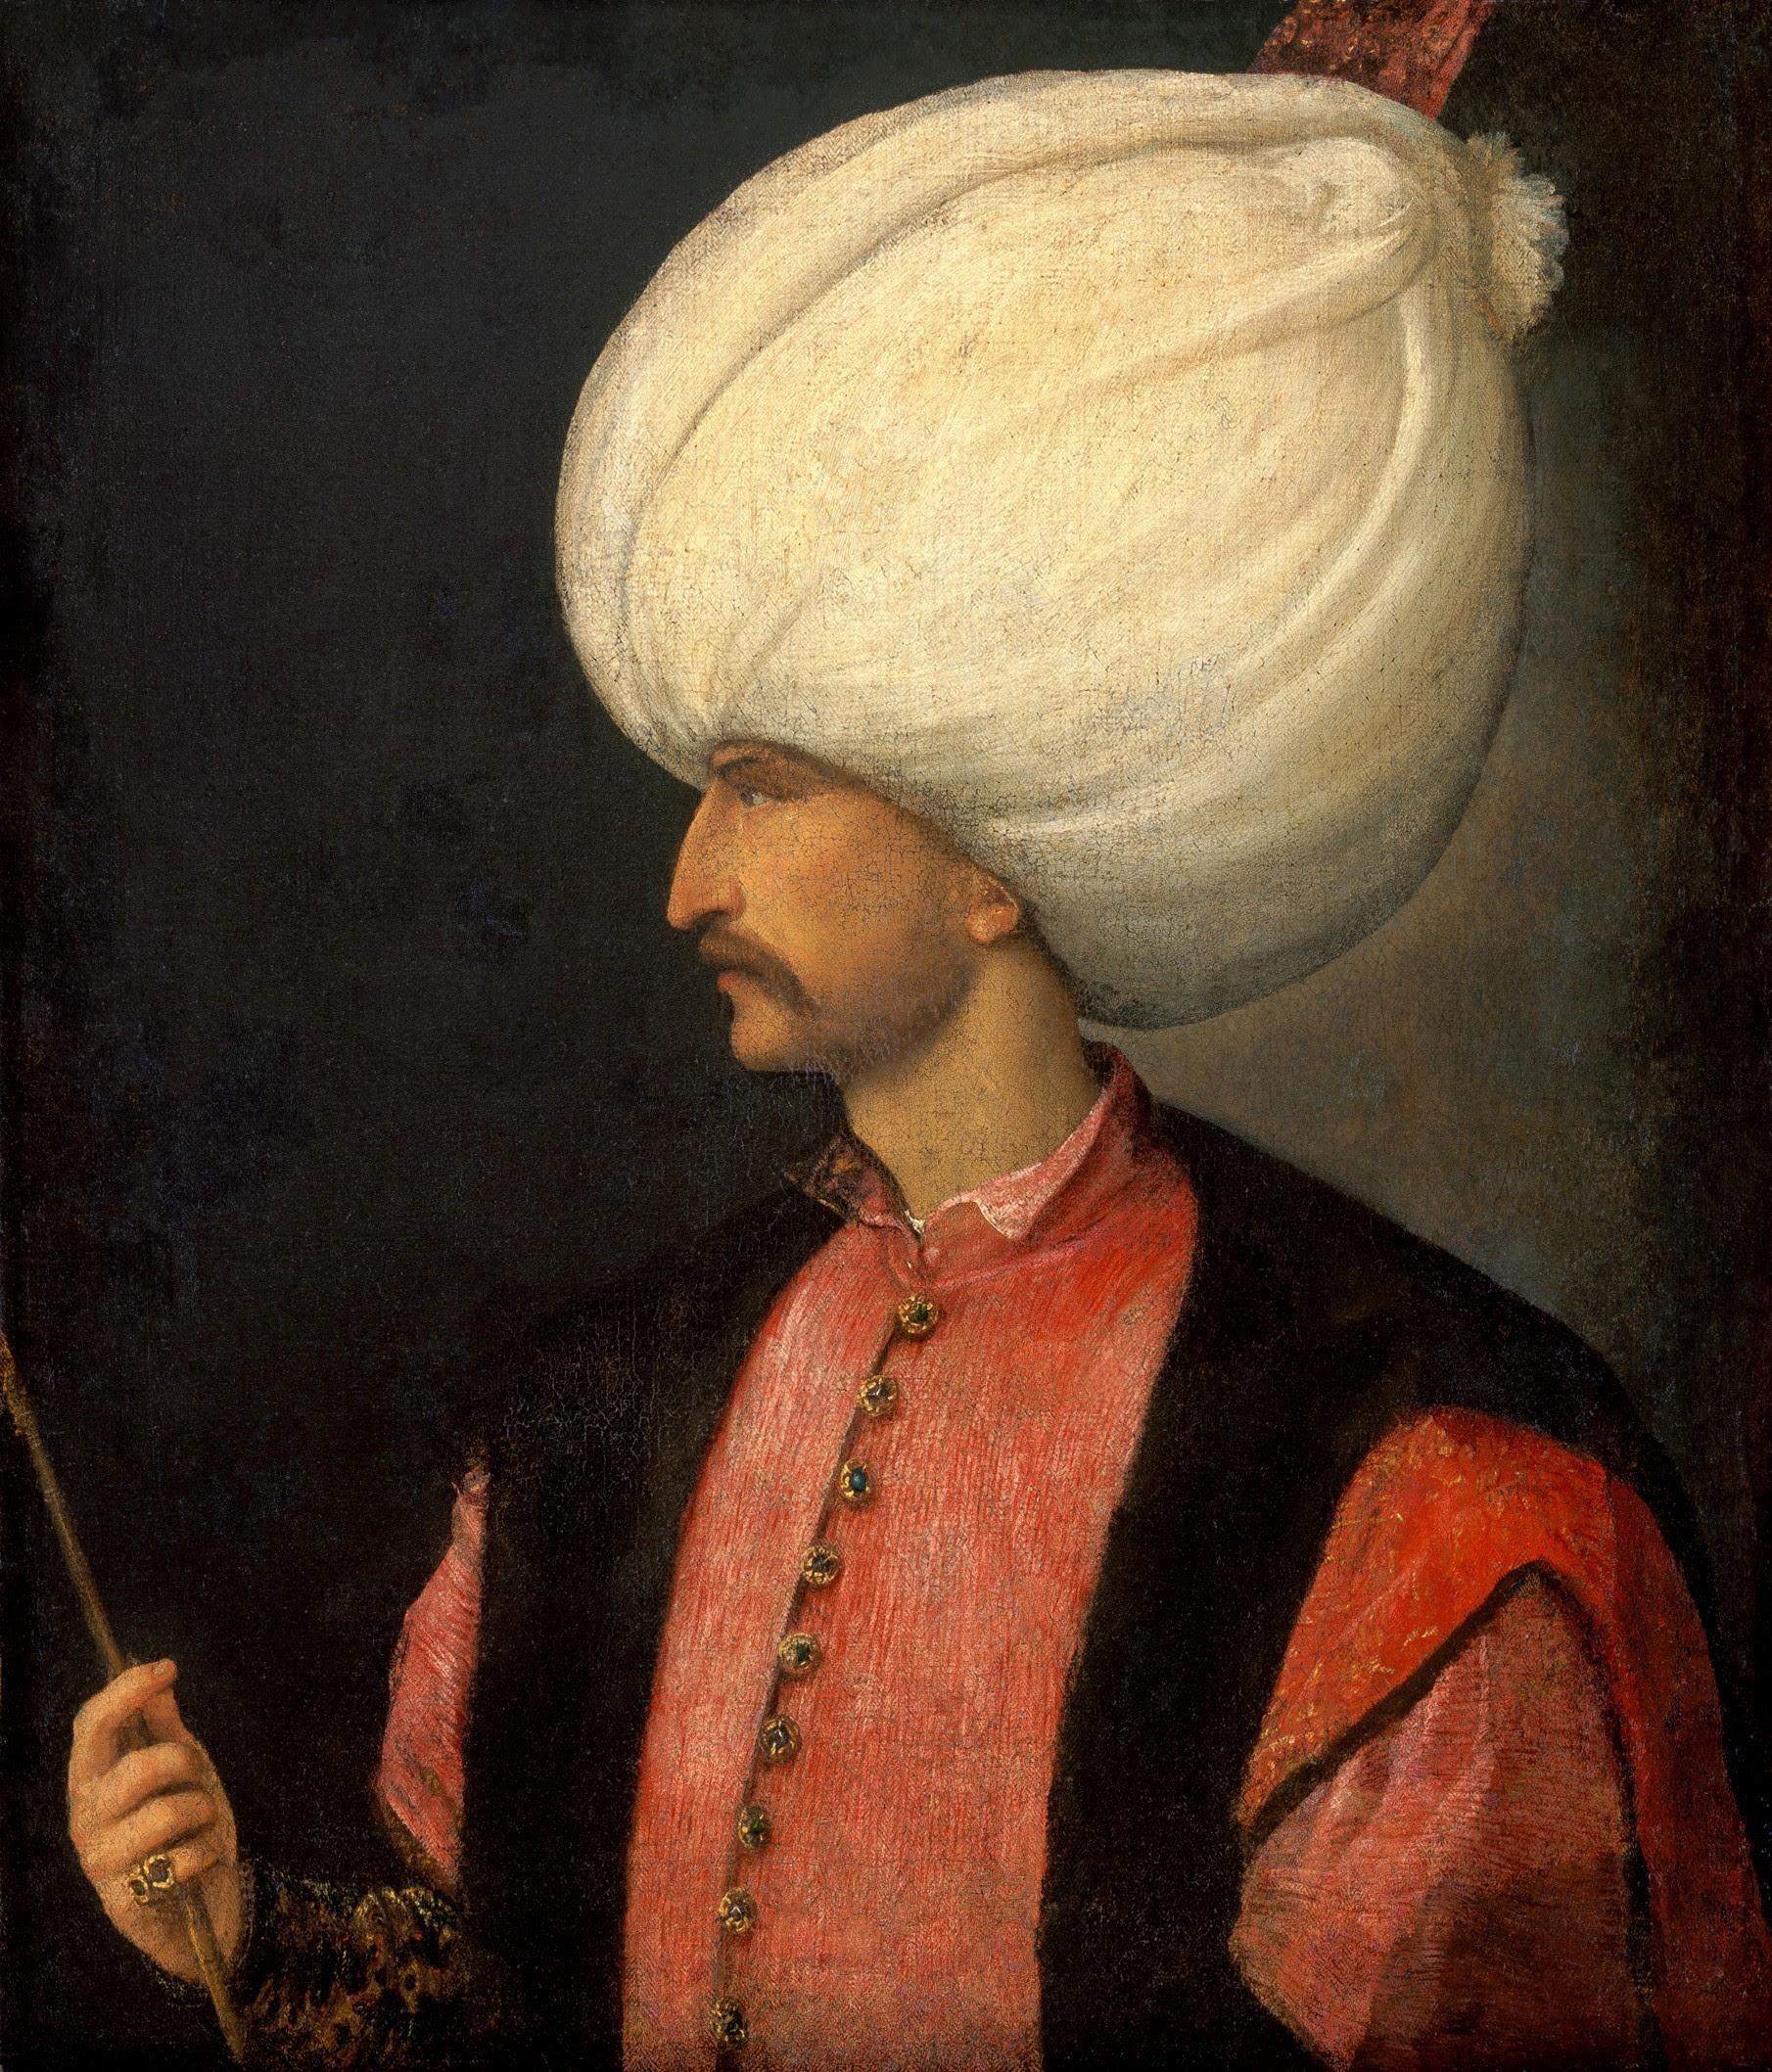 Kenapa Eropa begitu benci dan dendam kepada Khalifah Sulaiman al-Qonuni (King Sulaiman the Magnificentl)???